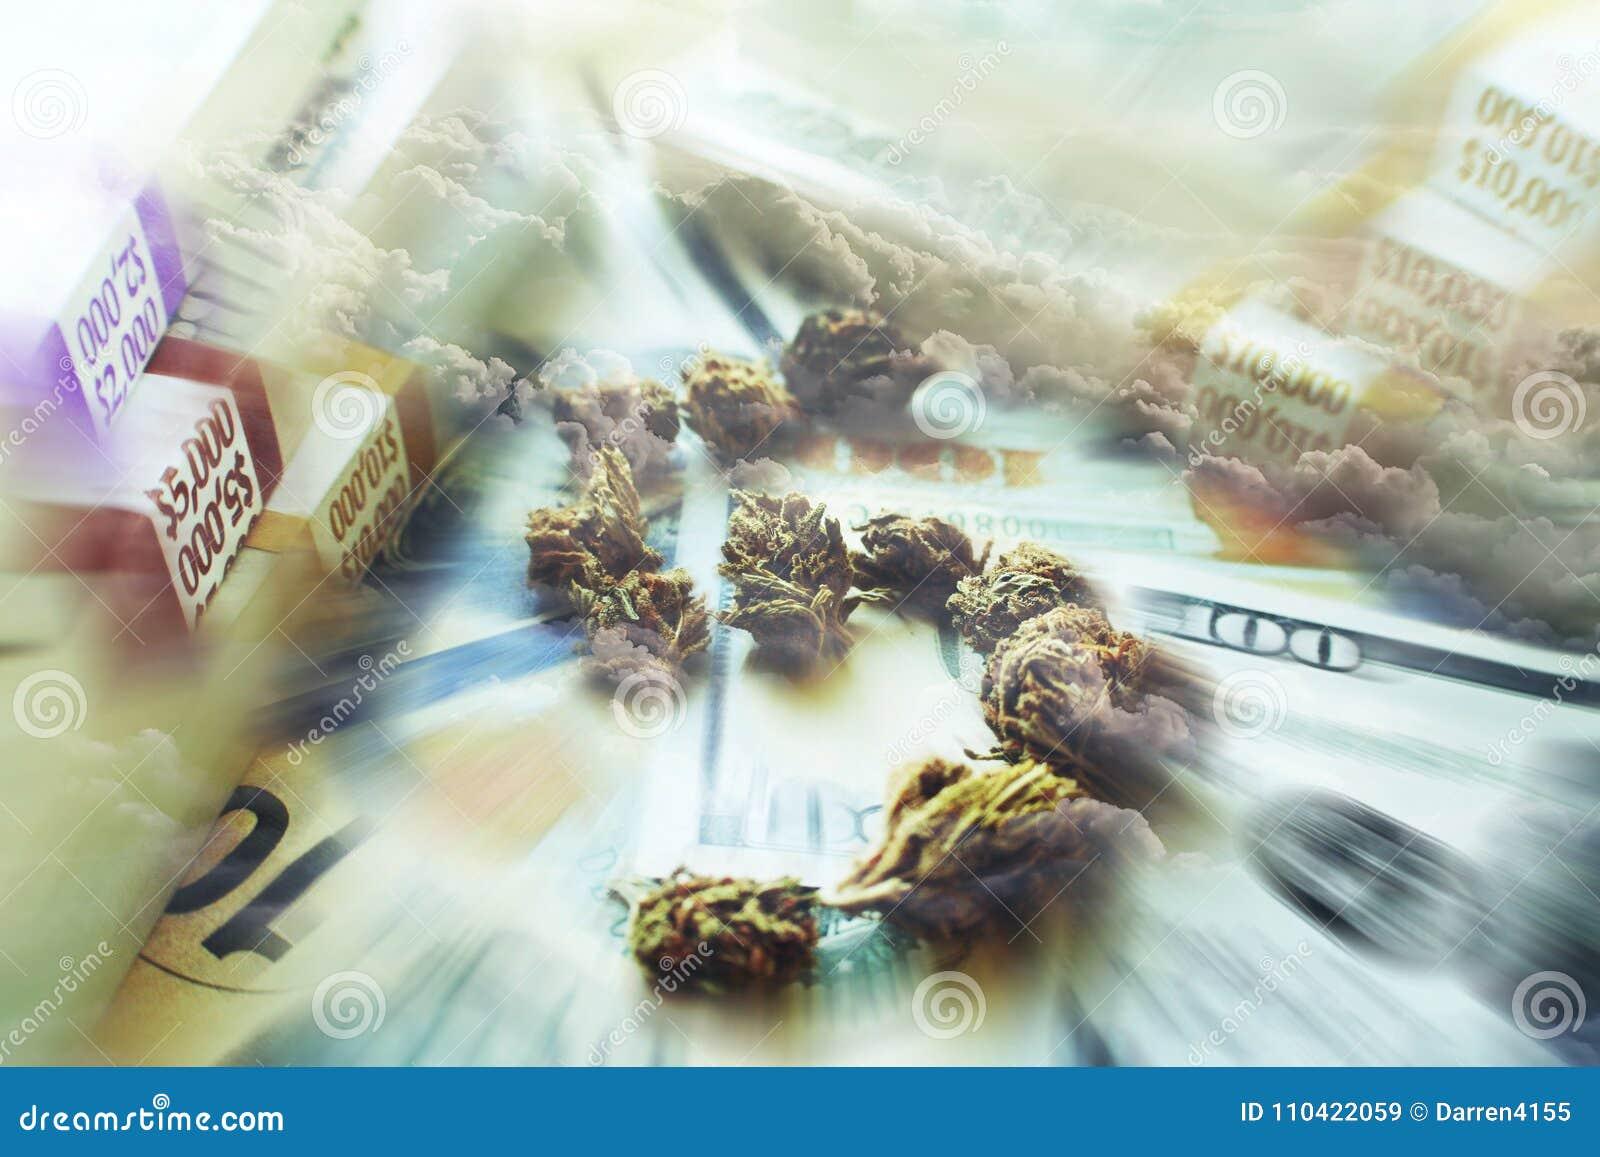 Maakten de marihuana` s Grote Winsten met Dollarteken uit Bud With Stacks Of Money met Hoge Wolken - kwaliteit